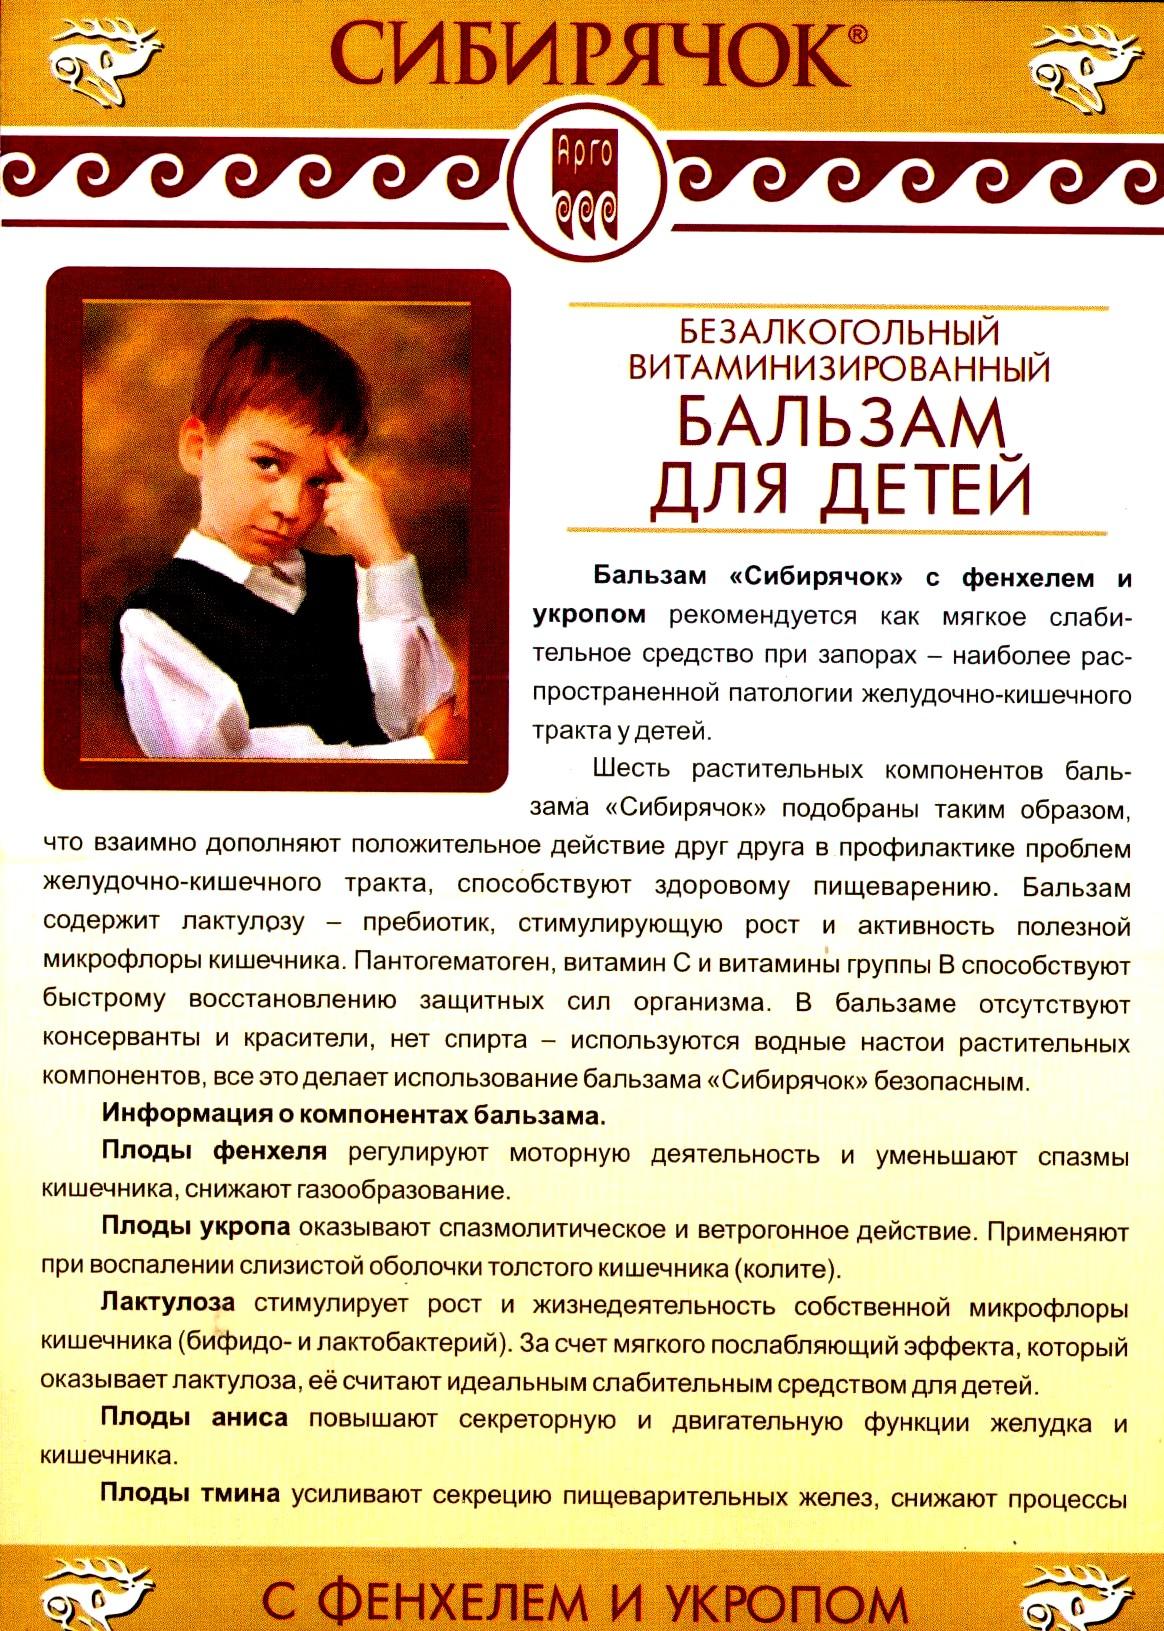 Рициниол Укропный Инструкция По Применению Цена